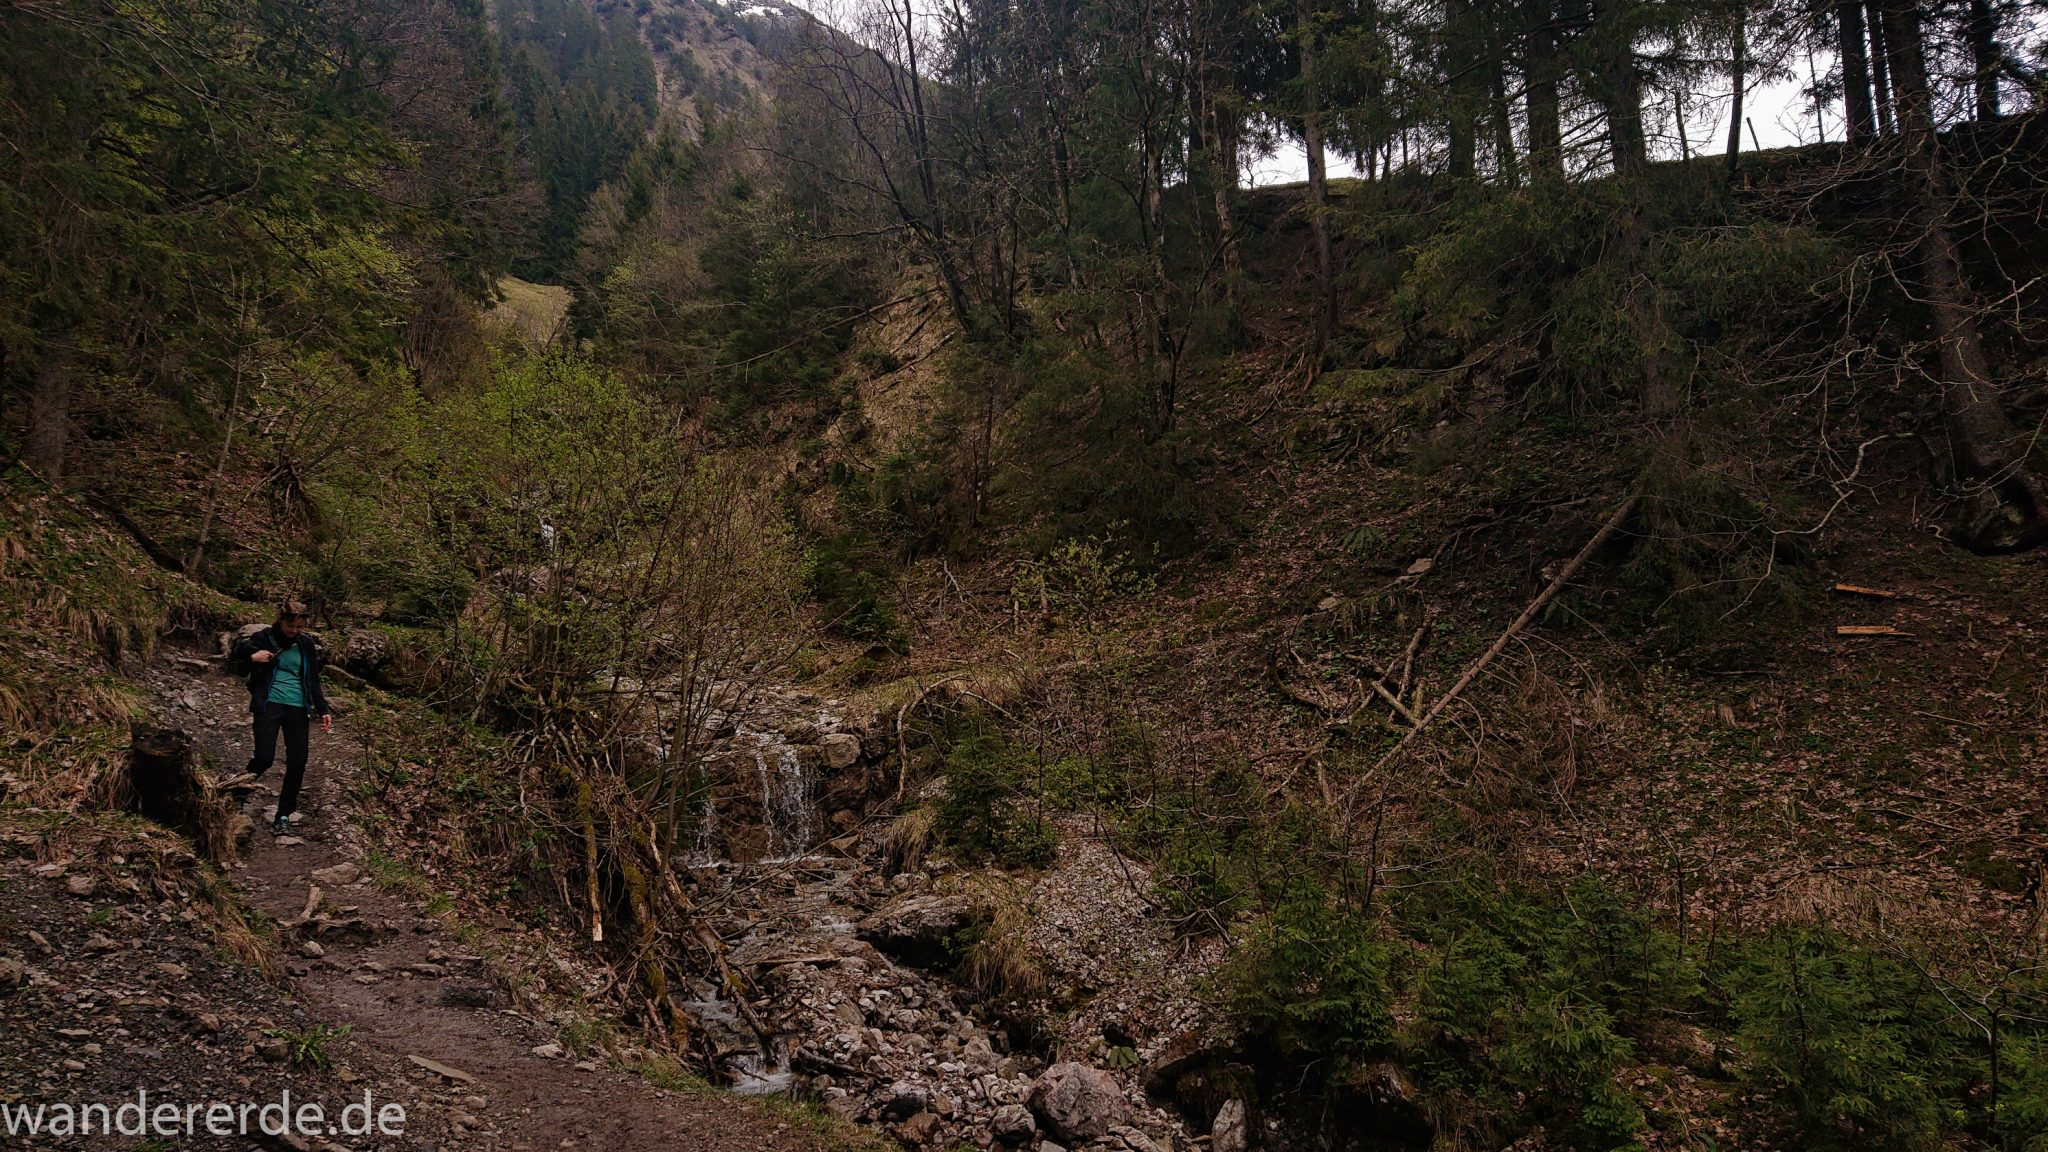 Wanderung Unterer Gaisalpsee, Wanderweg von Oberstdorf im Allgäu, schmalerer Kiespfad wird zunehmend steil und felsig, umgeben von schönem dichtem Mischwald, abwechselungsreicher Wanderweg von Oberstdorf zum Unteren Gaisalpsee